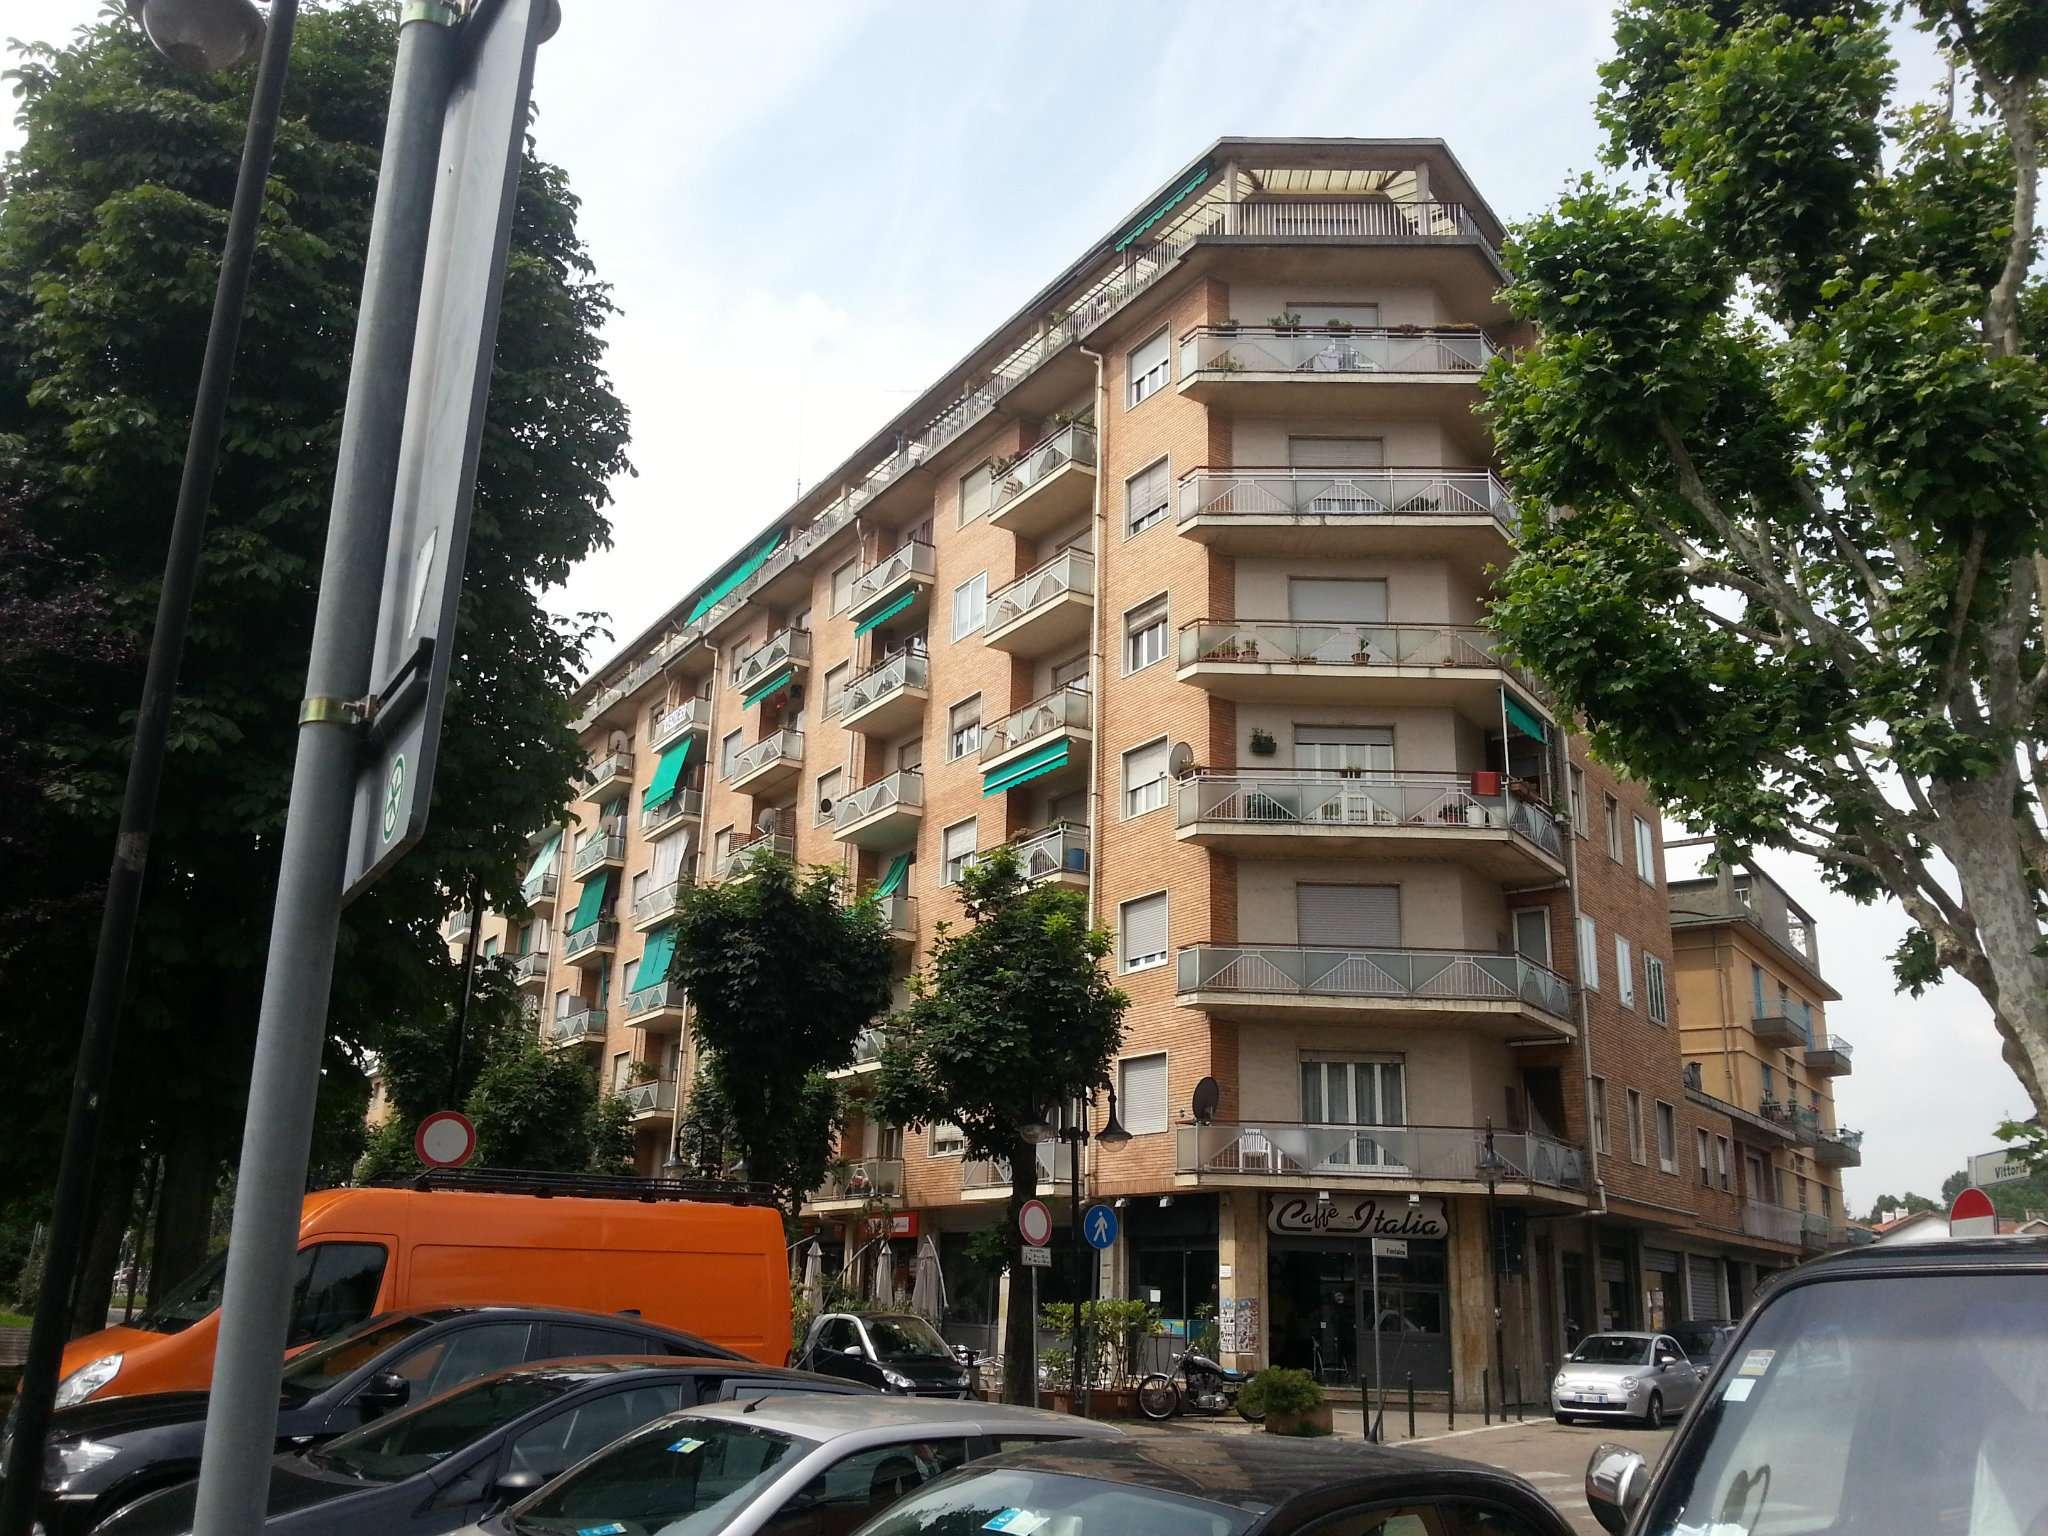 Appartamento in vendita a Alpignano, 3 locali, prezzo € 99.000 | CambioCasa.it